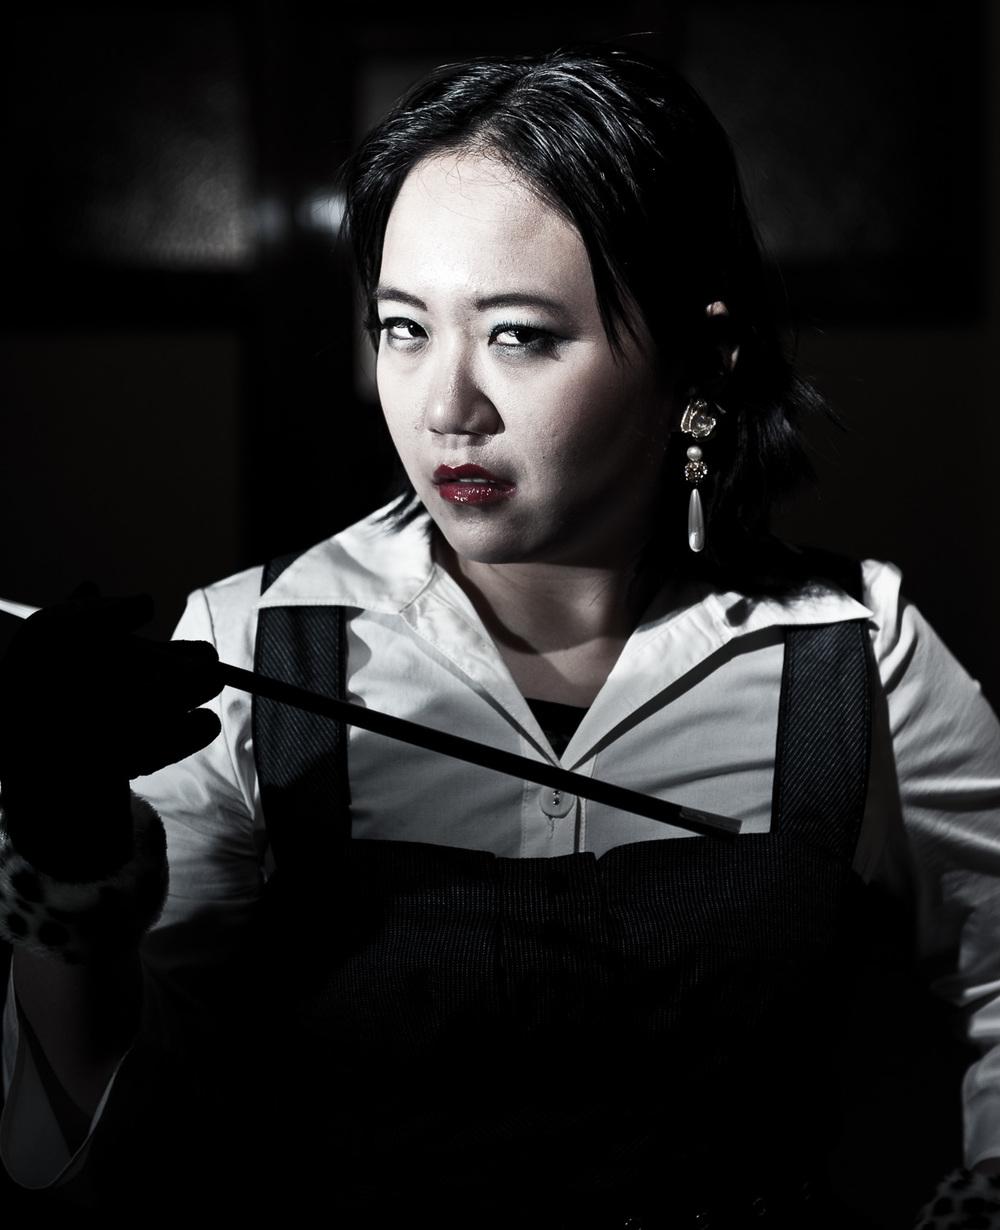 2010-04-10_film-noir_197.jpg